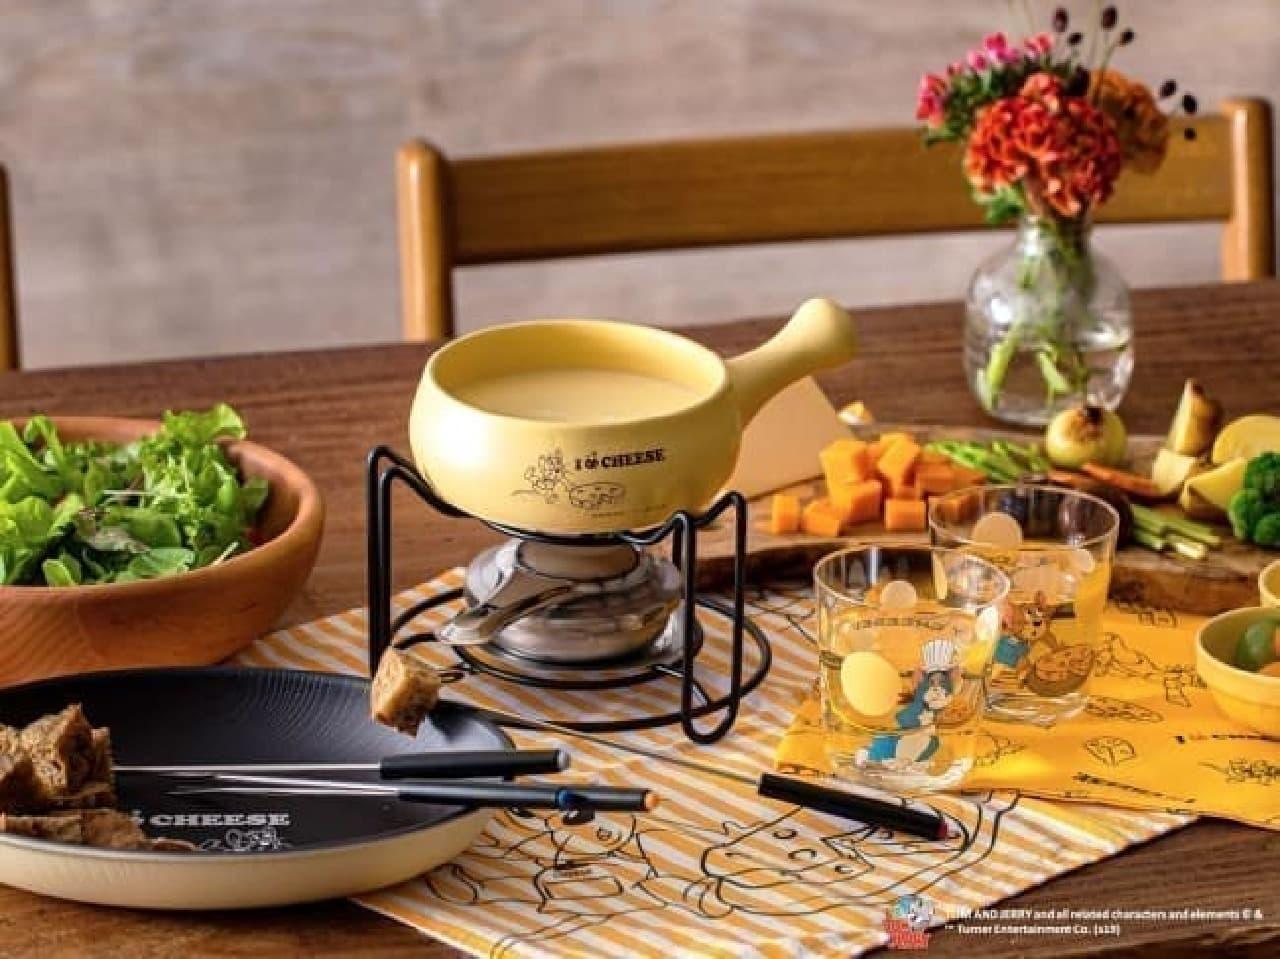 【可愛い】トムとジェリーが「212 KITCHEN STORE」とコラボ--チーズフォンデュの鍋やグラタン皿など